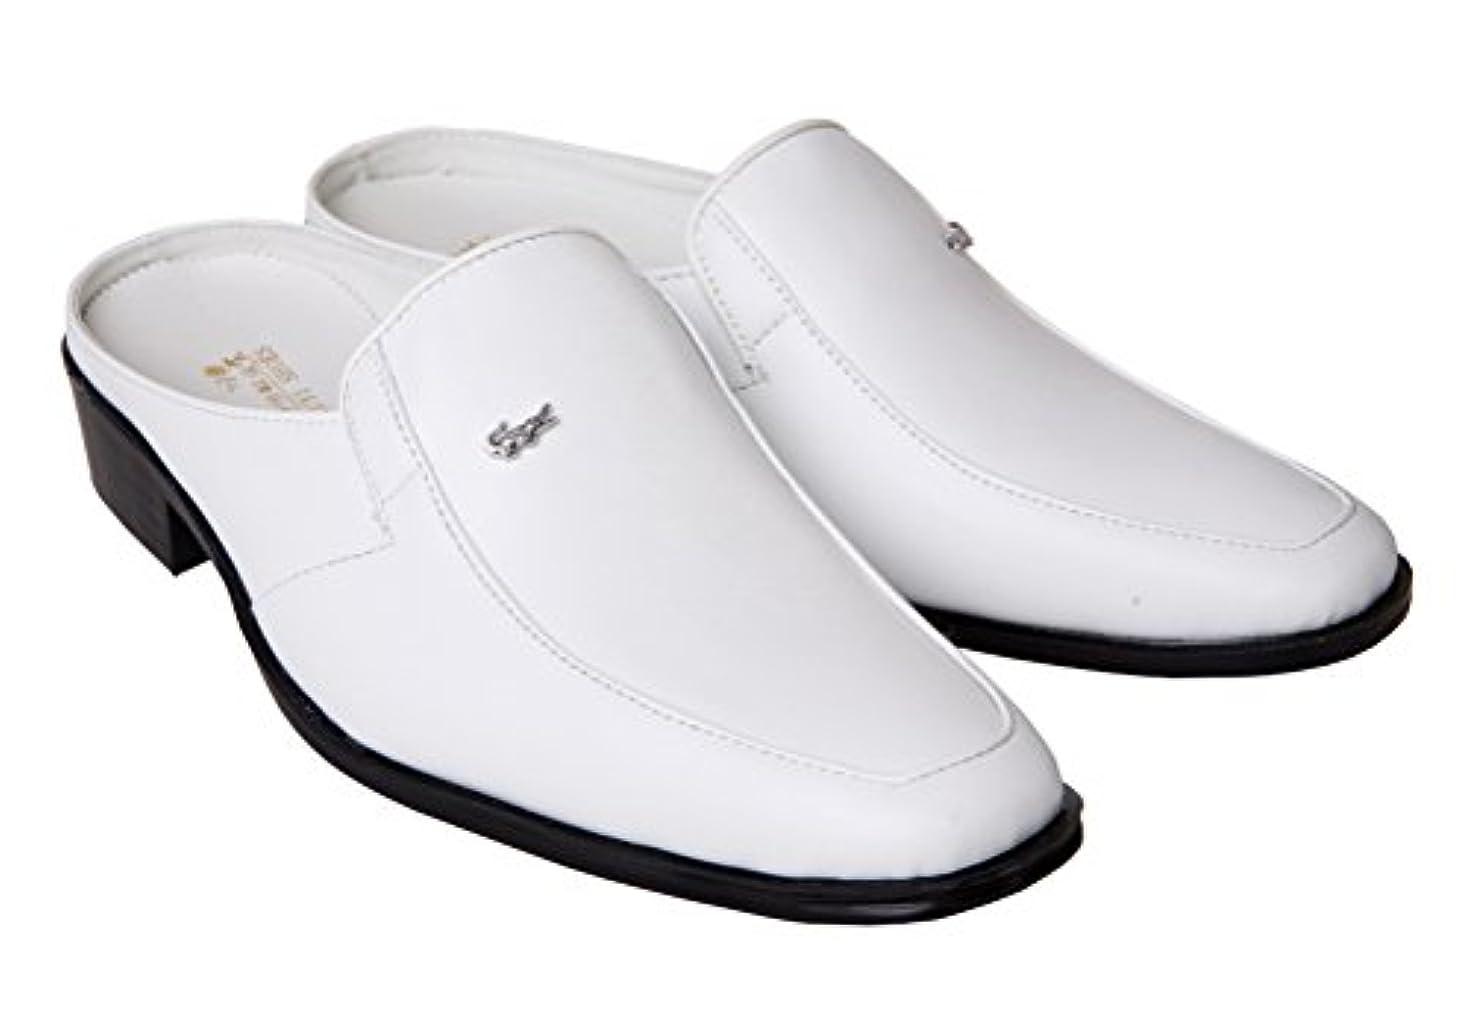 教育者コットンワードローブSufoen ビジネスサンダル メンズ スリッポン ビジネススリッパ かかとなし 革靴 紳士靴 おしゃれ …